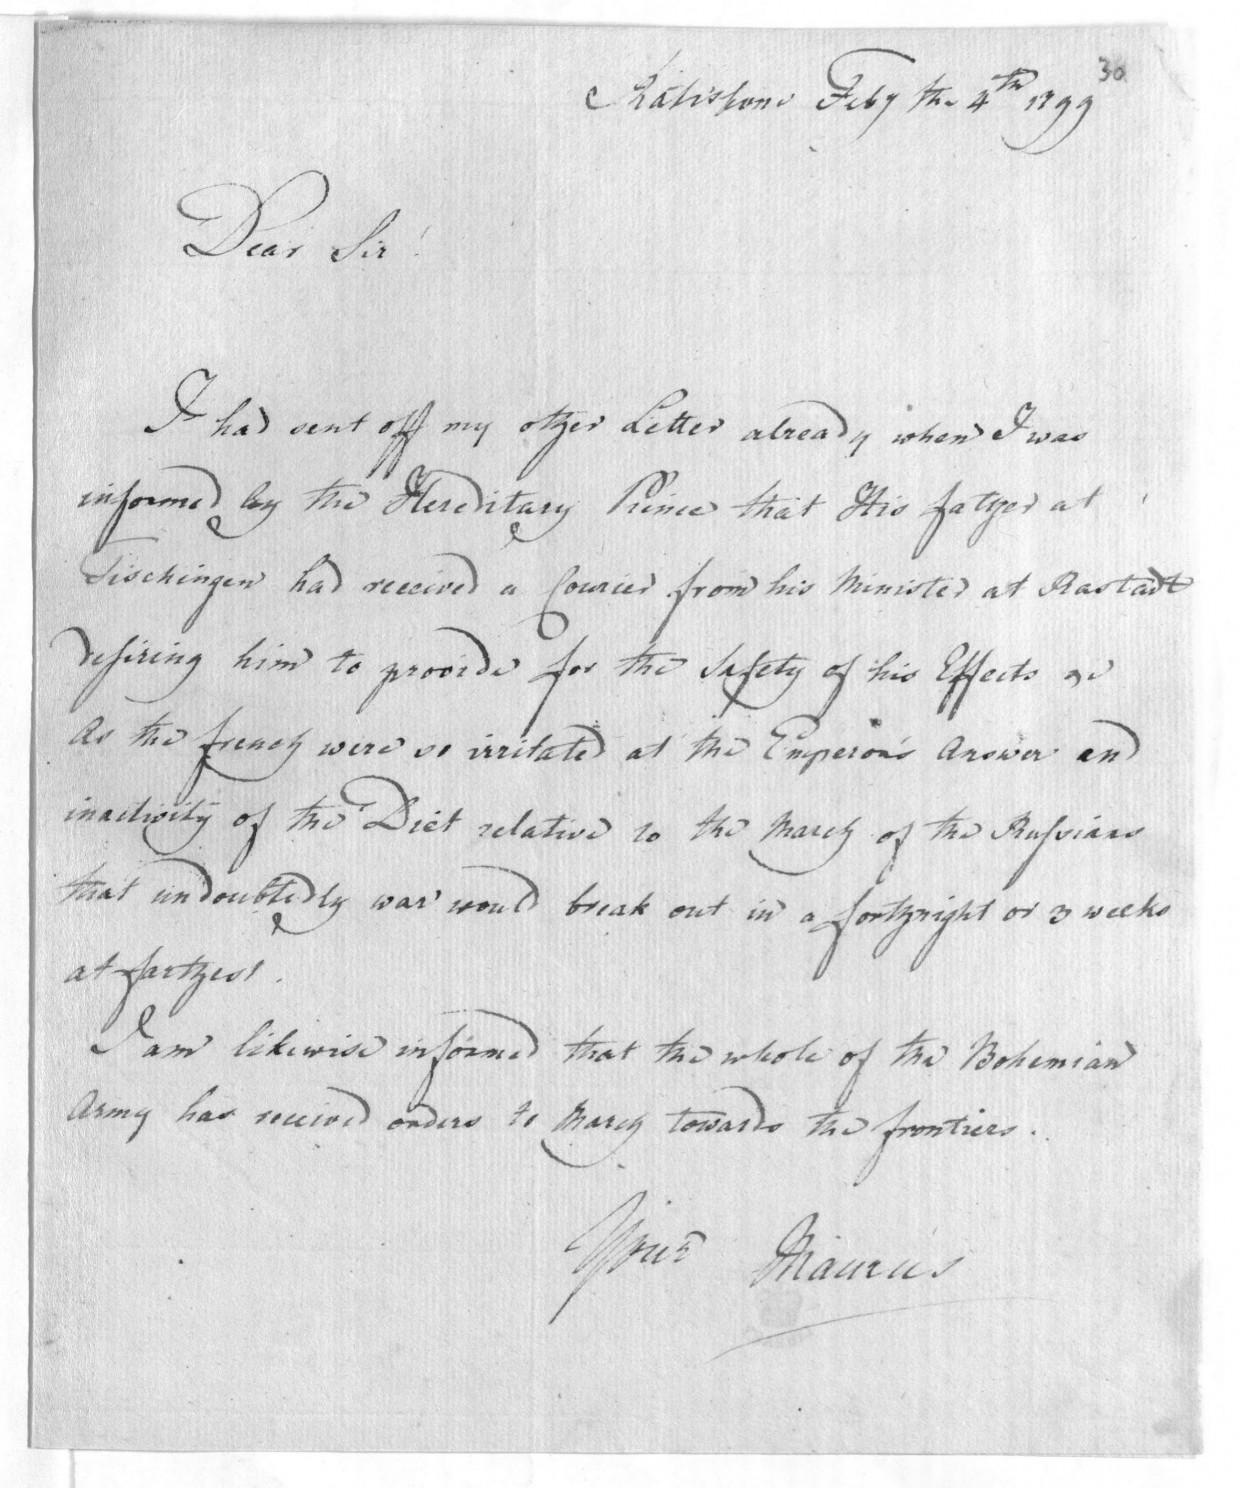 Briefe statt Pistole: die stärkste Waffe des britischen Diplomaten, Geheimagenten, Bibliothekars und Mönchs Maurus (Alexander) Horn zur Zeit der französischen Revolution.